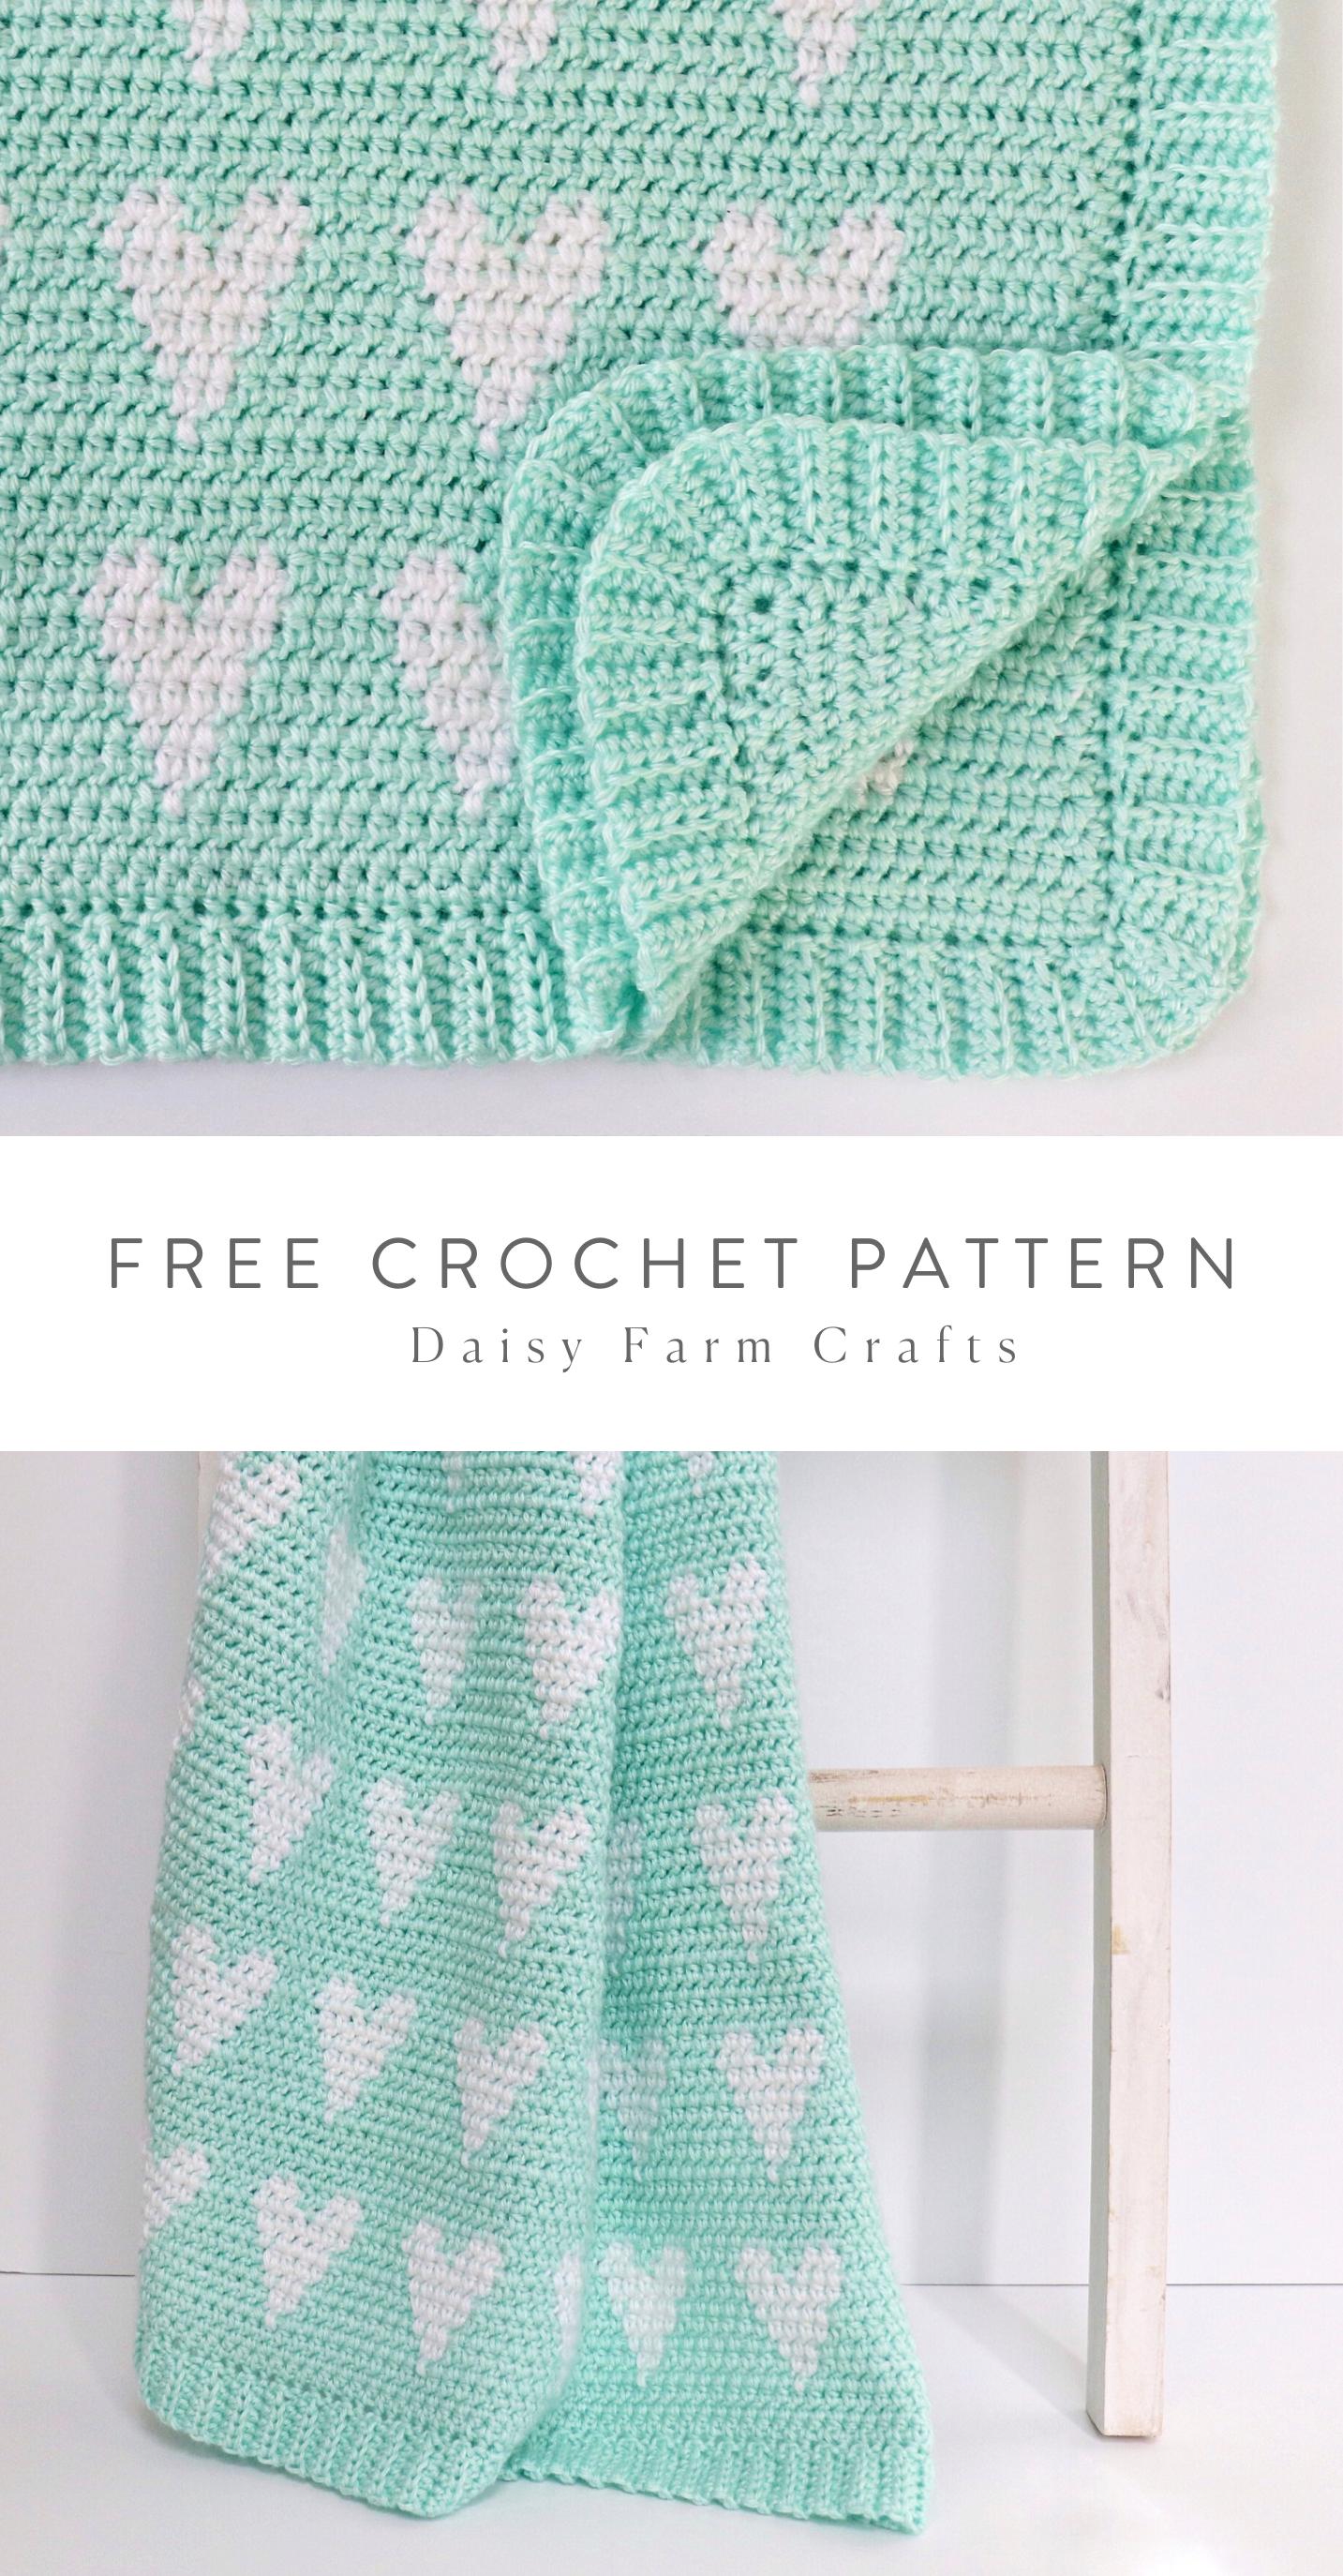 Free Pattern - Crochet Modern Hearts Baby Blanket